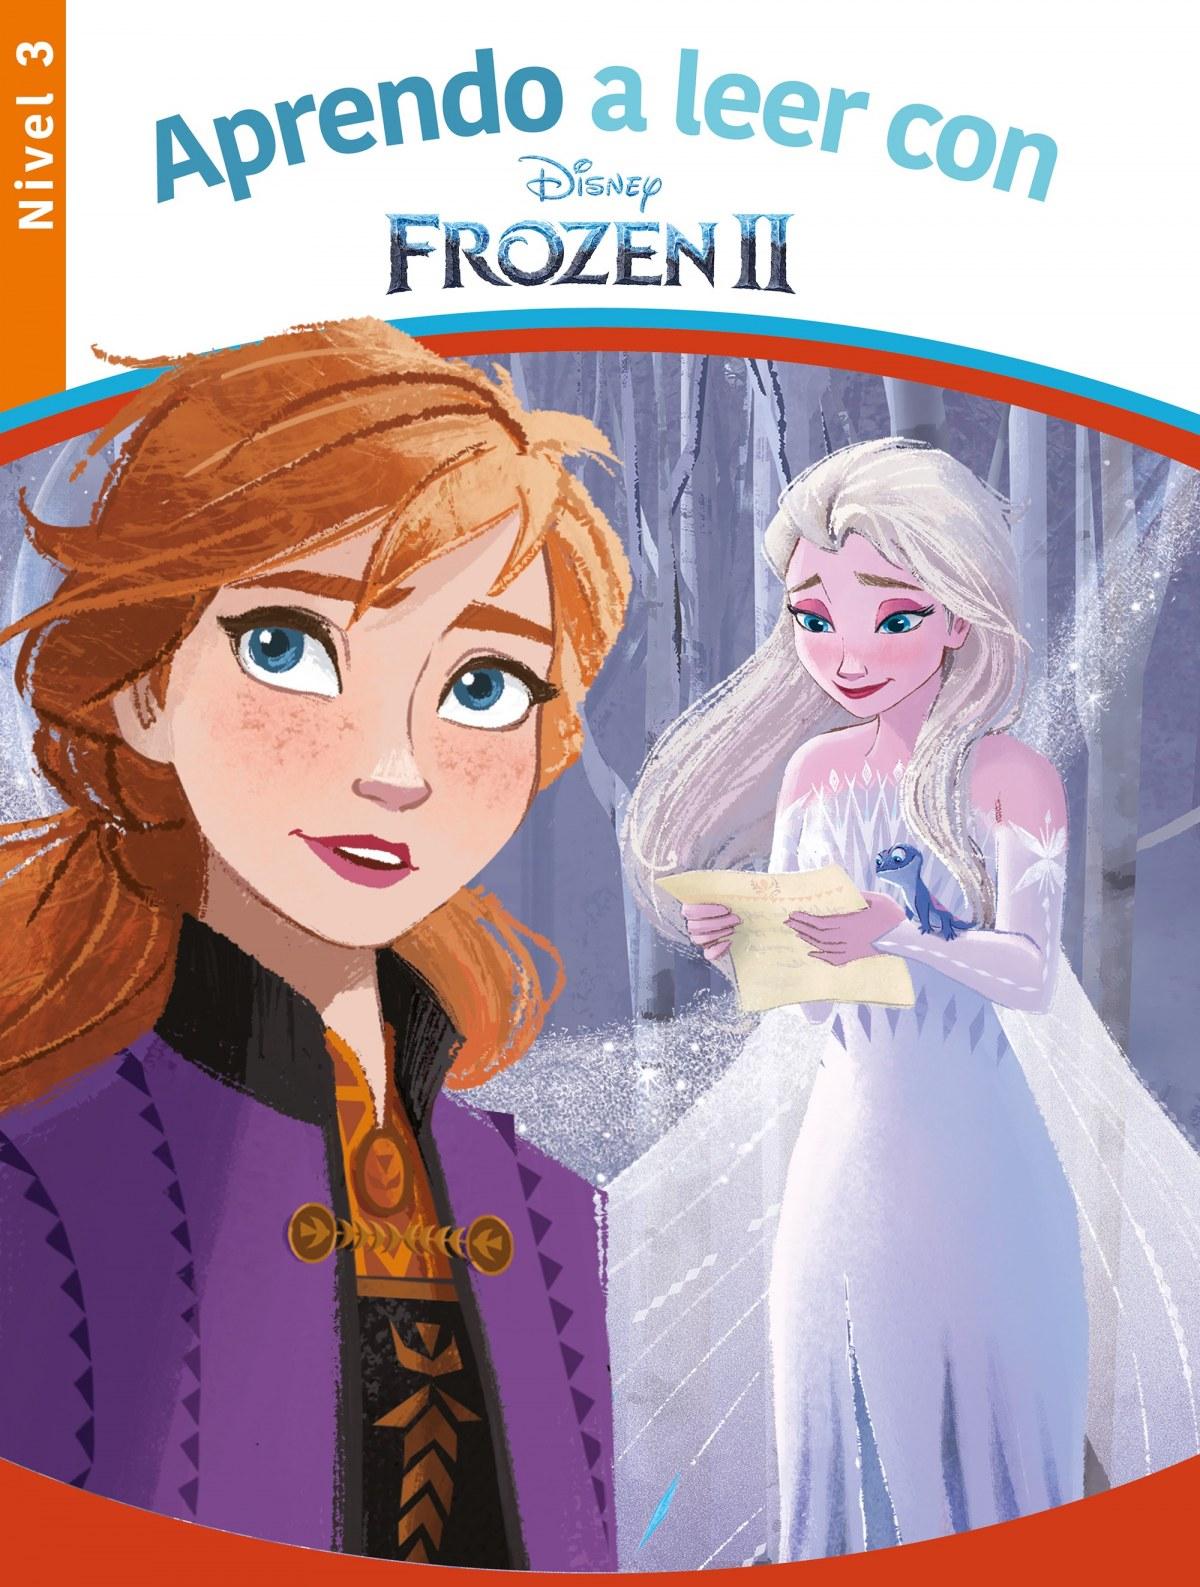 Aprendo a leer con Frozen II - Nivel 3 (Aprendo a leer con Disney